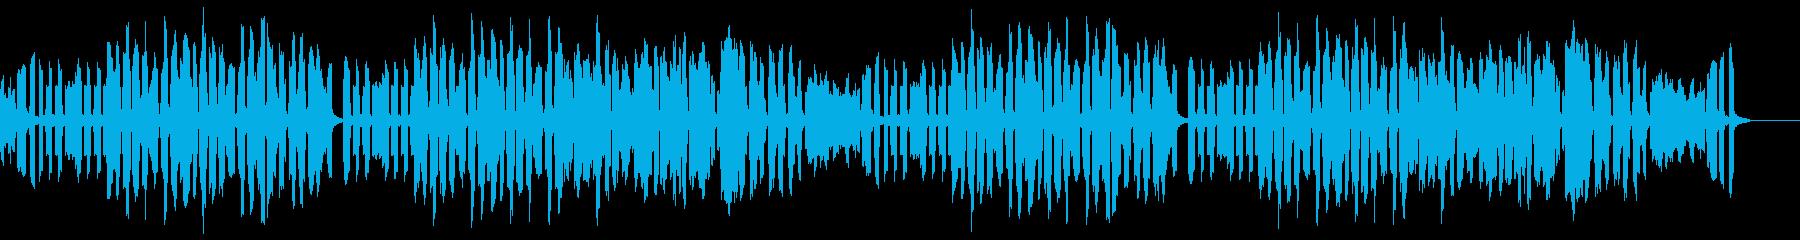 管弦、のんびり、オーボエ、ファゴットの再生済みの波形